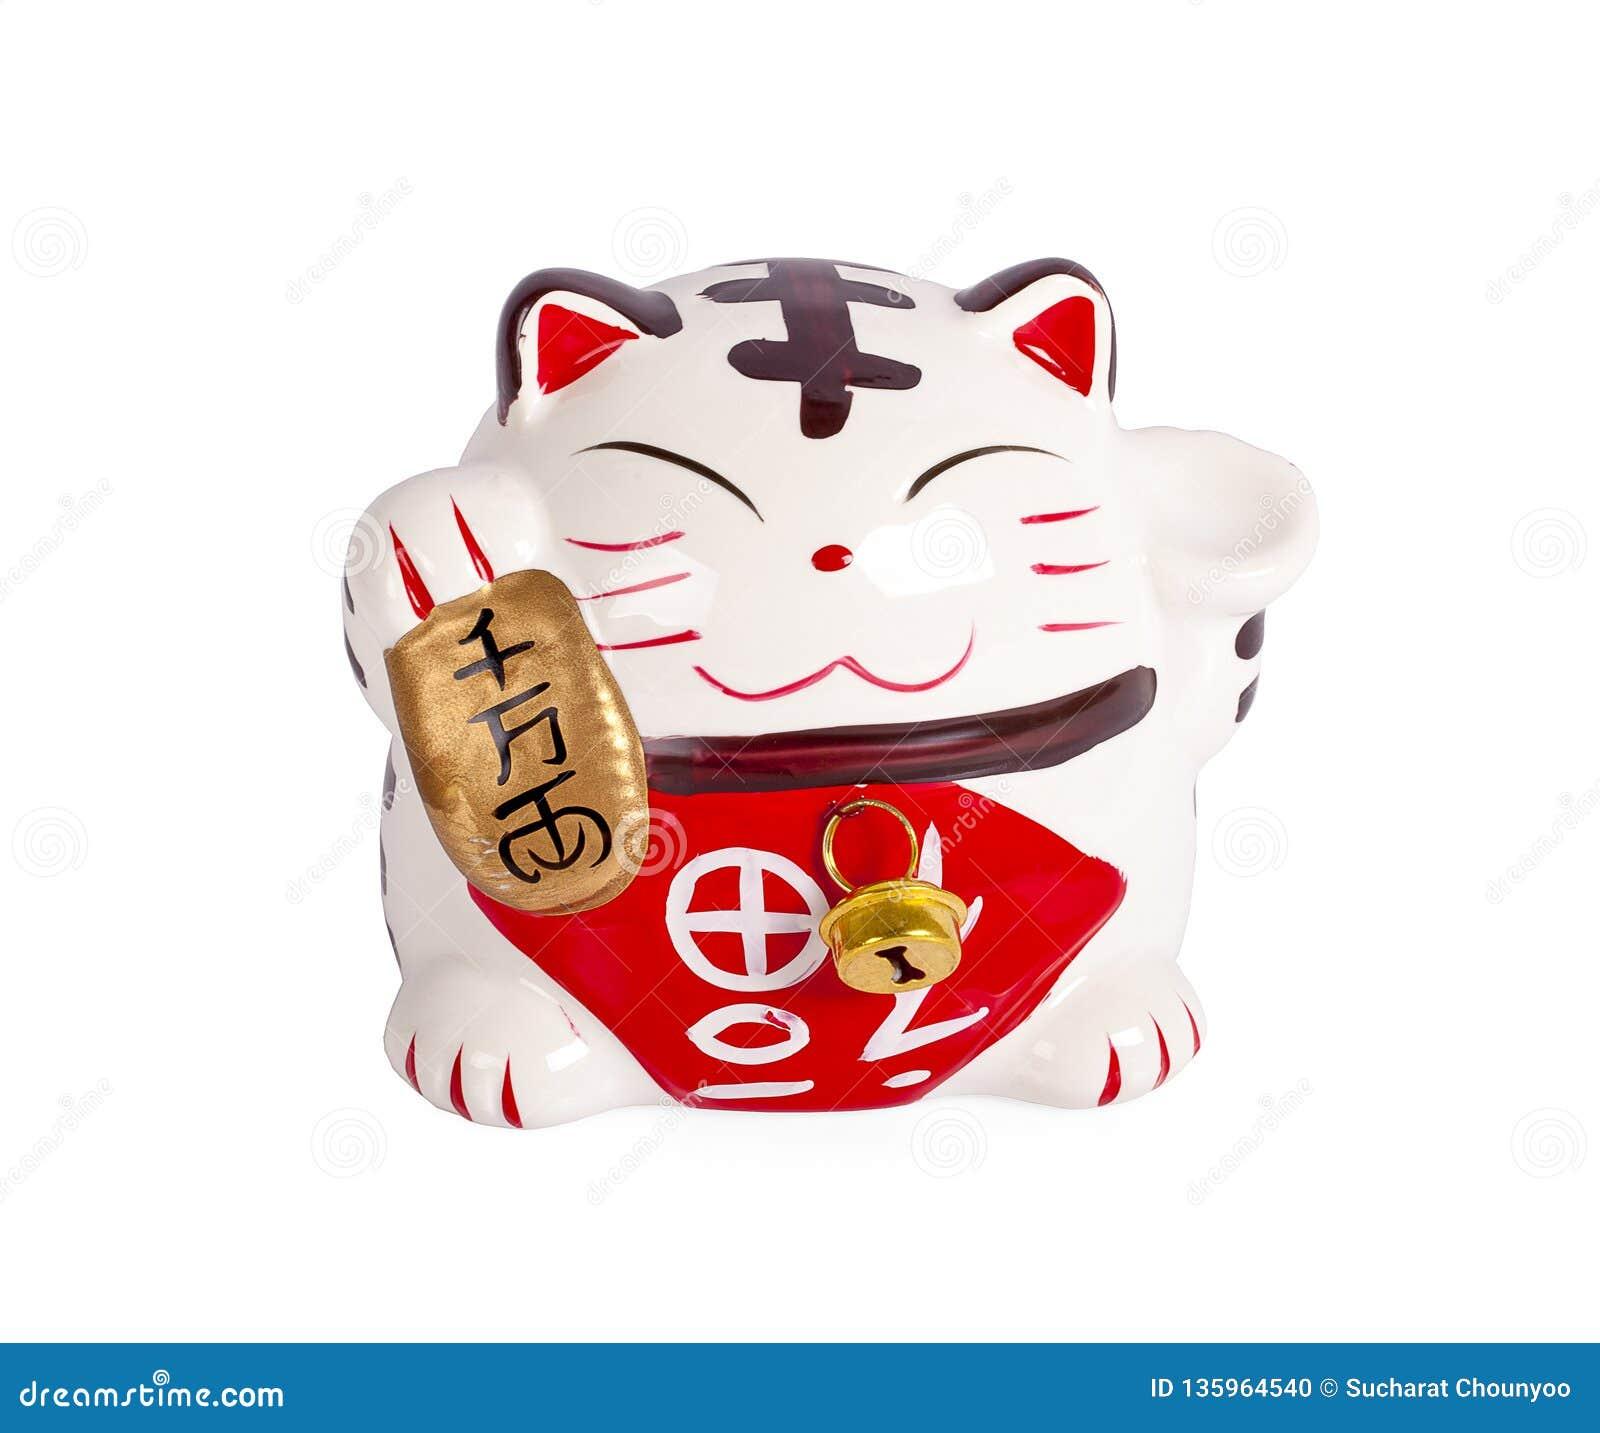 陶瓷玩偶日本欢迎的幸运的猫 Maneki Neko:日本字符意味爆发或时运